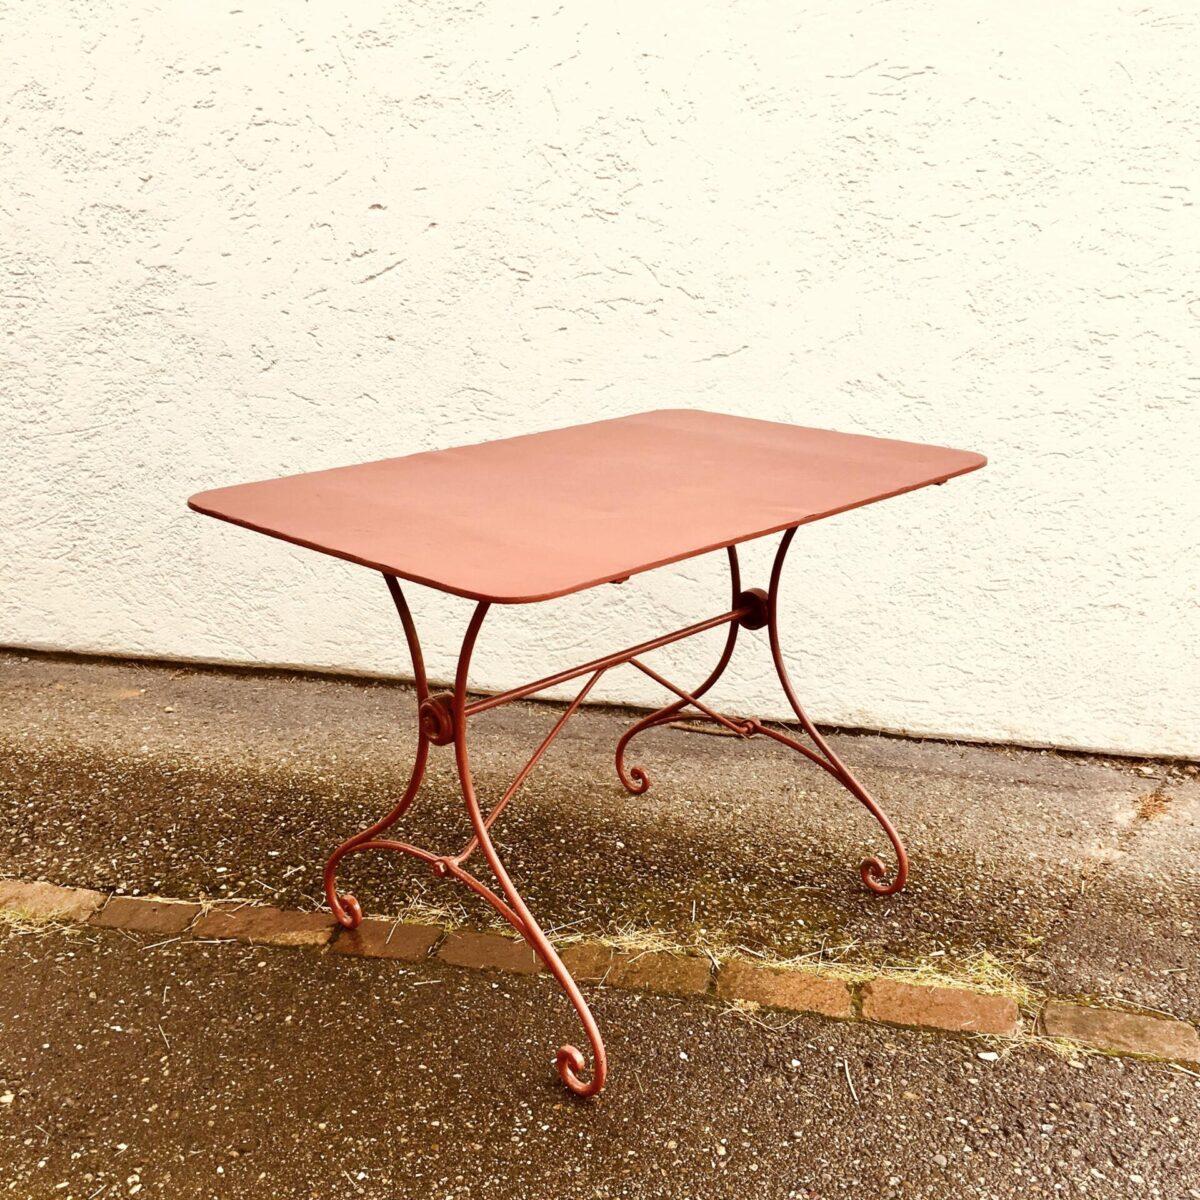 Antiker Jugendstil Gartentisch 110cm mal 70cm Höhe 75cm. Metall Gartentisch in mattem rot/braun.